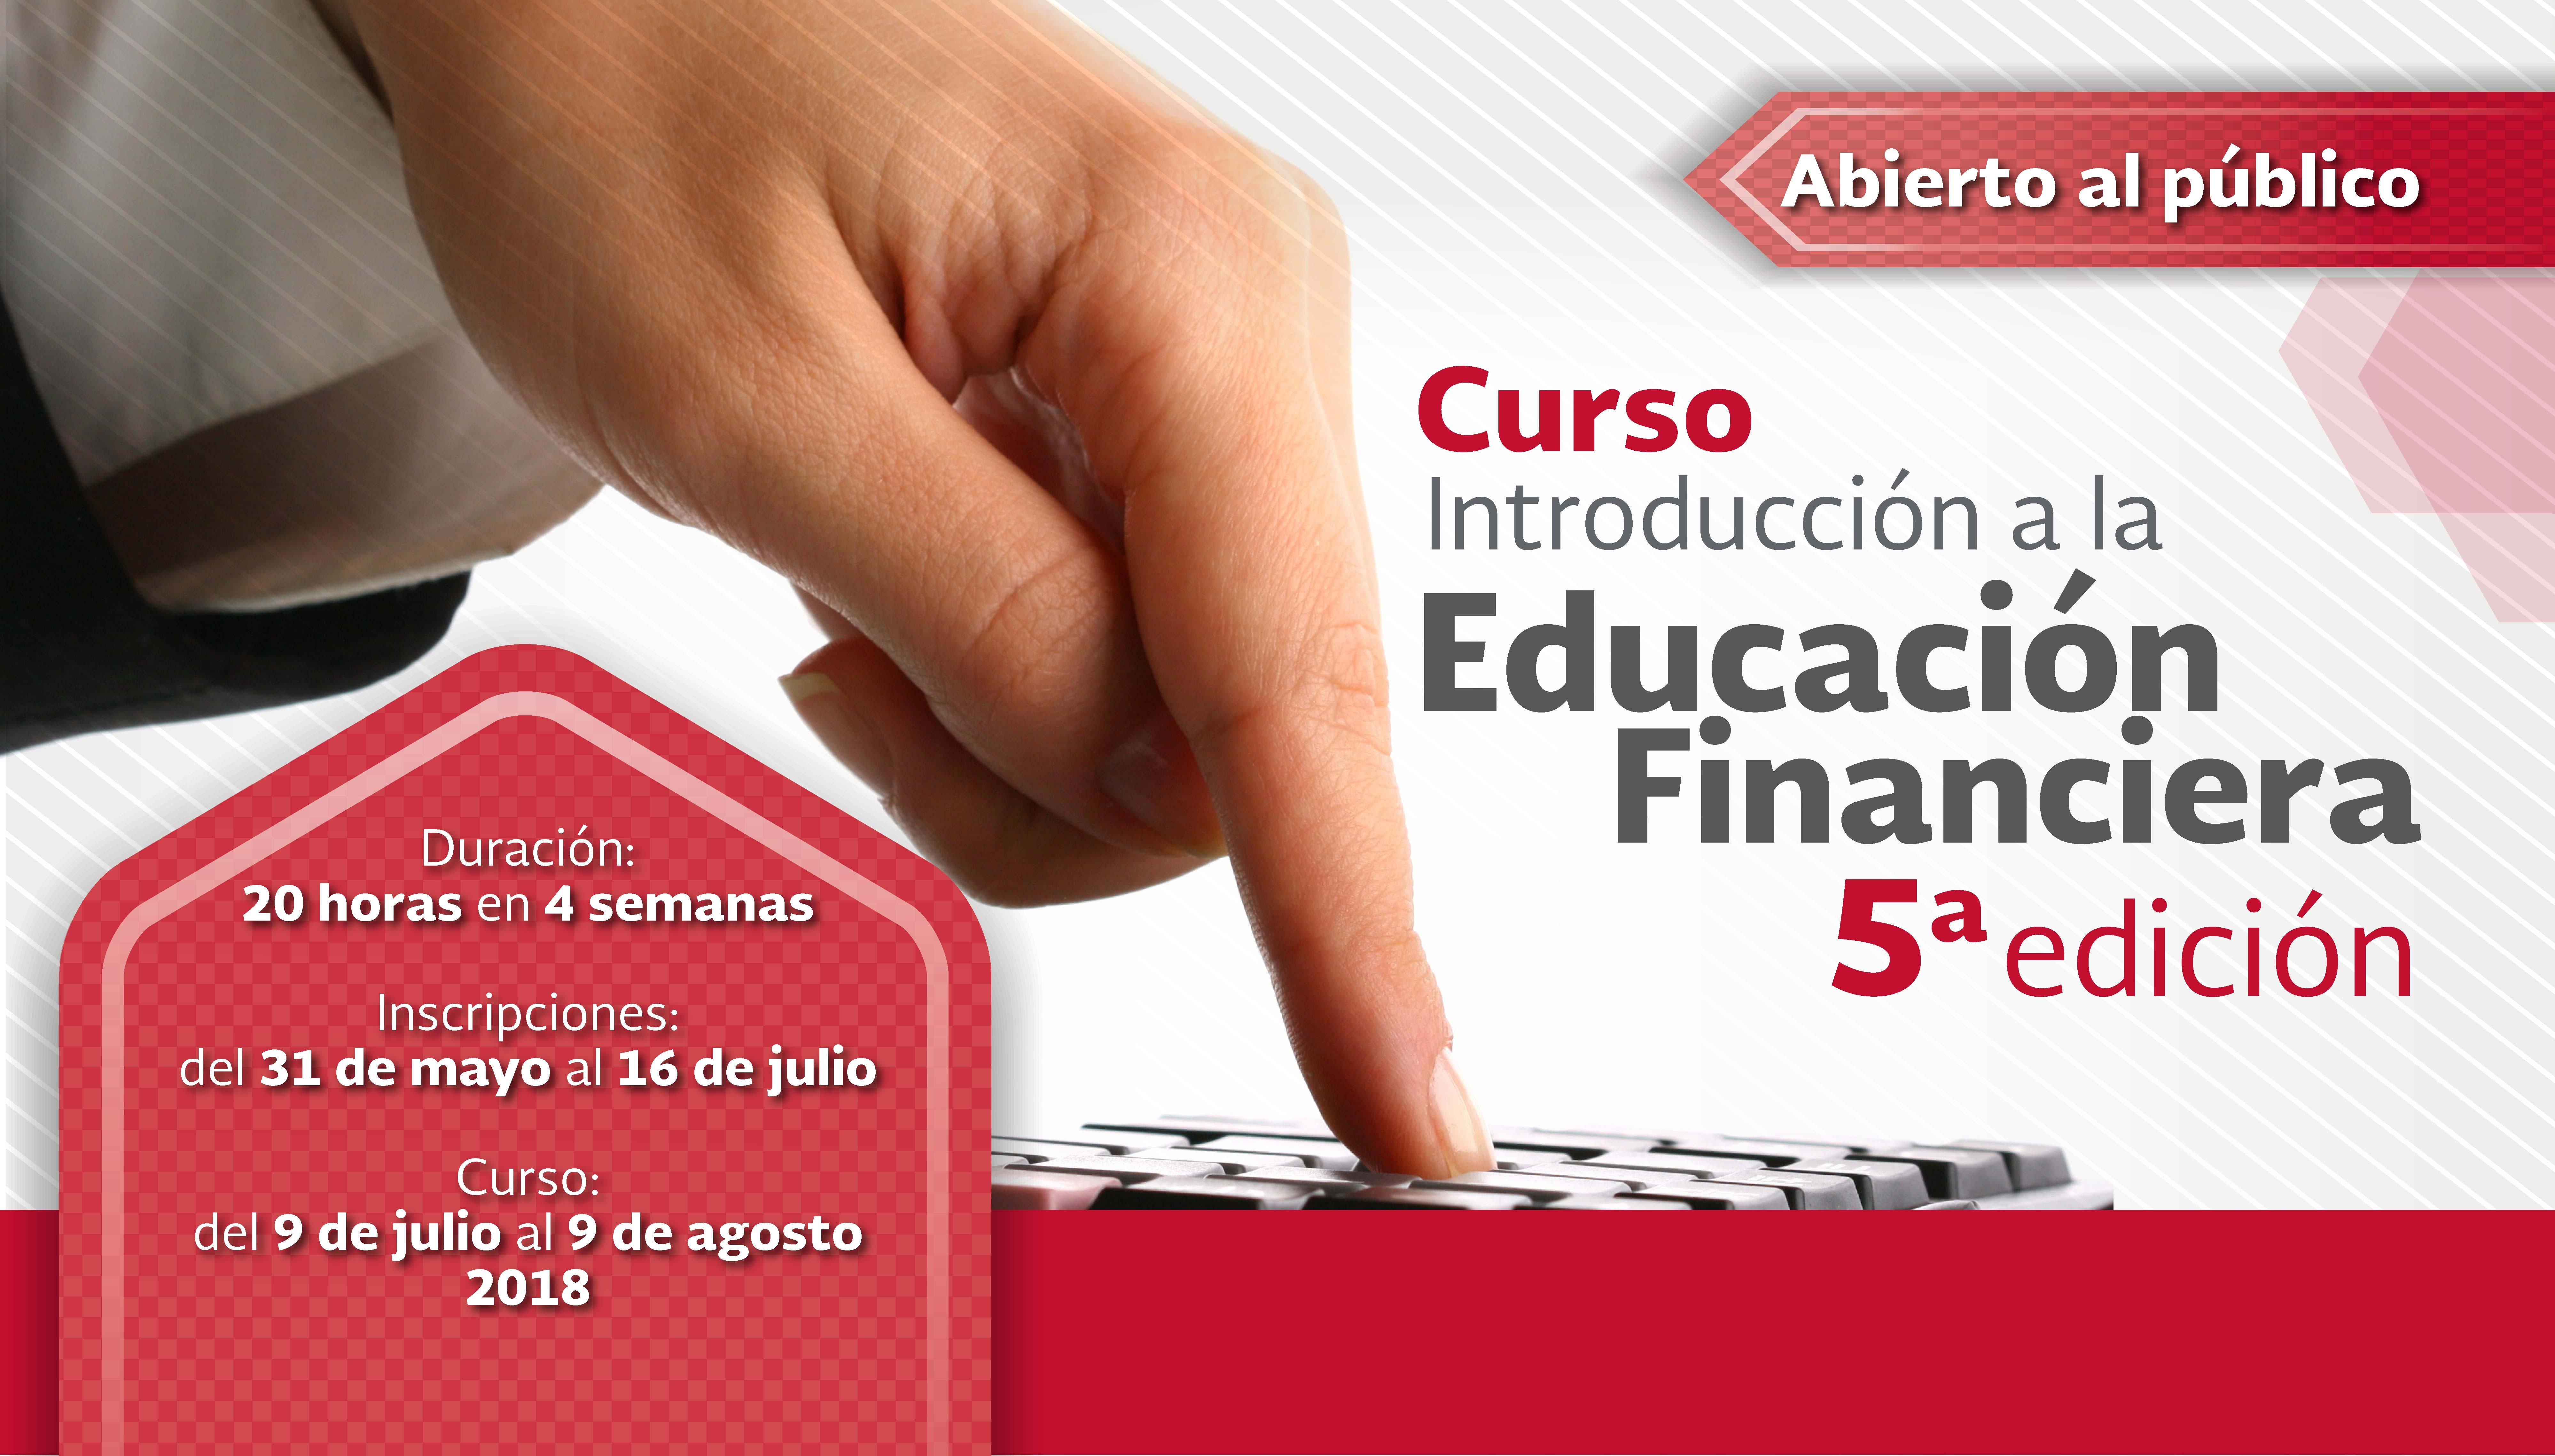 Curso introducción a la Educación Financiera 5a edición